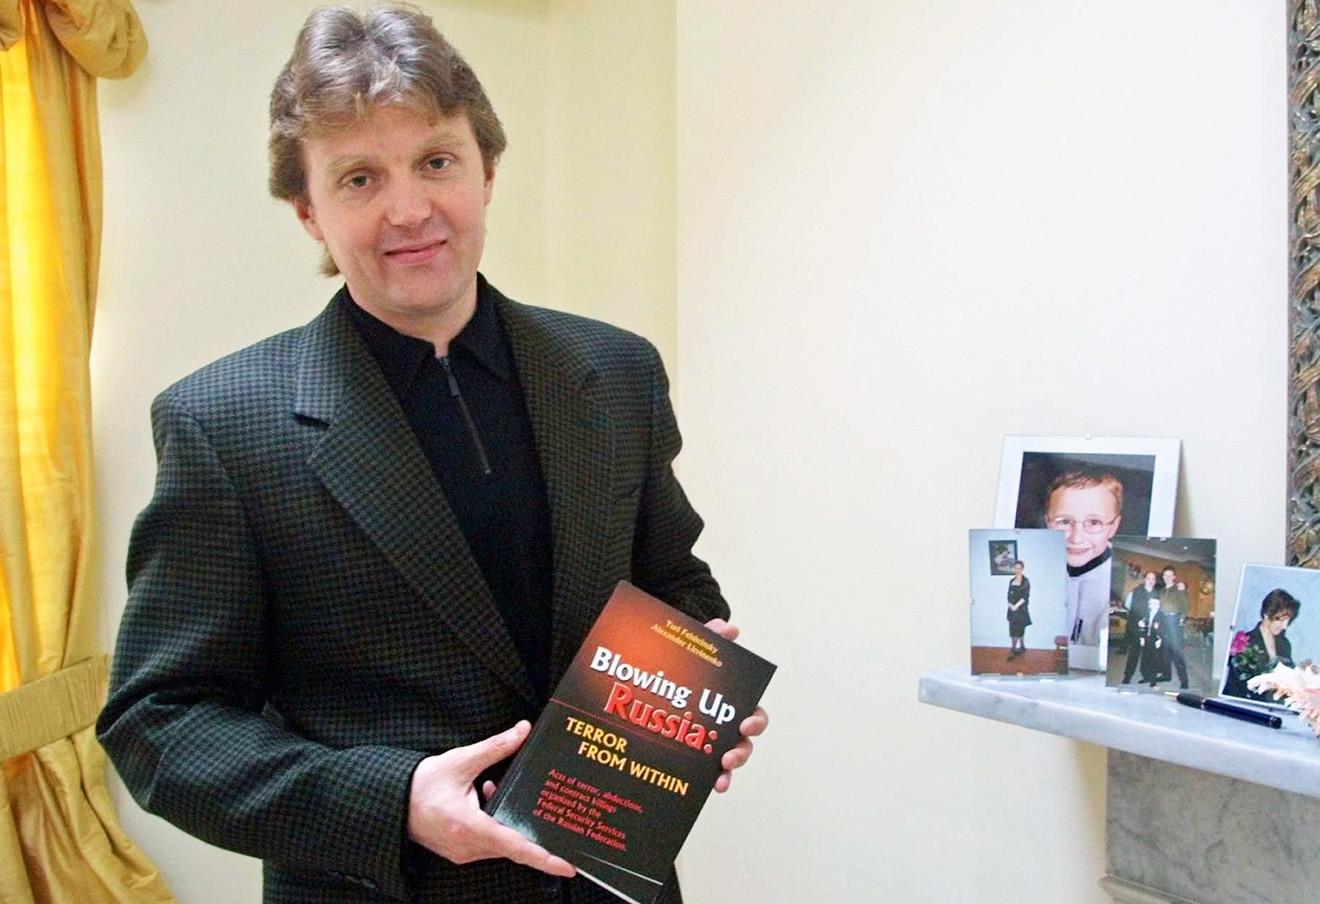 Александр Литвиненко со свой книгой «Взрывая Россию: террор изнутри».